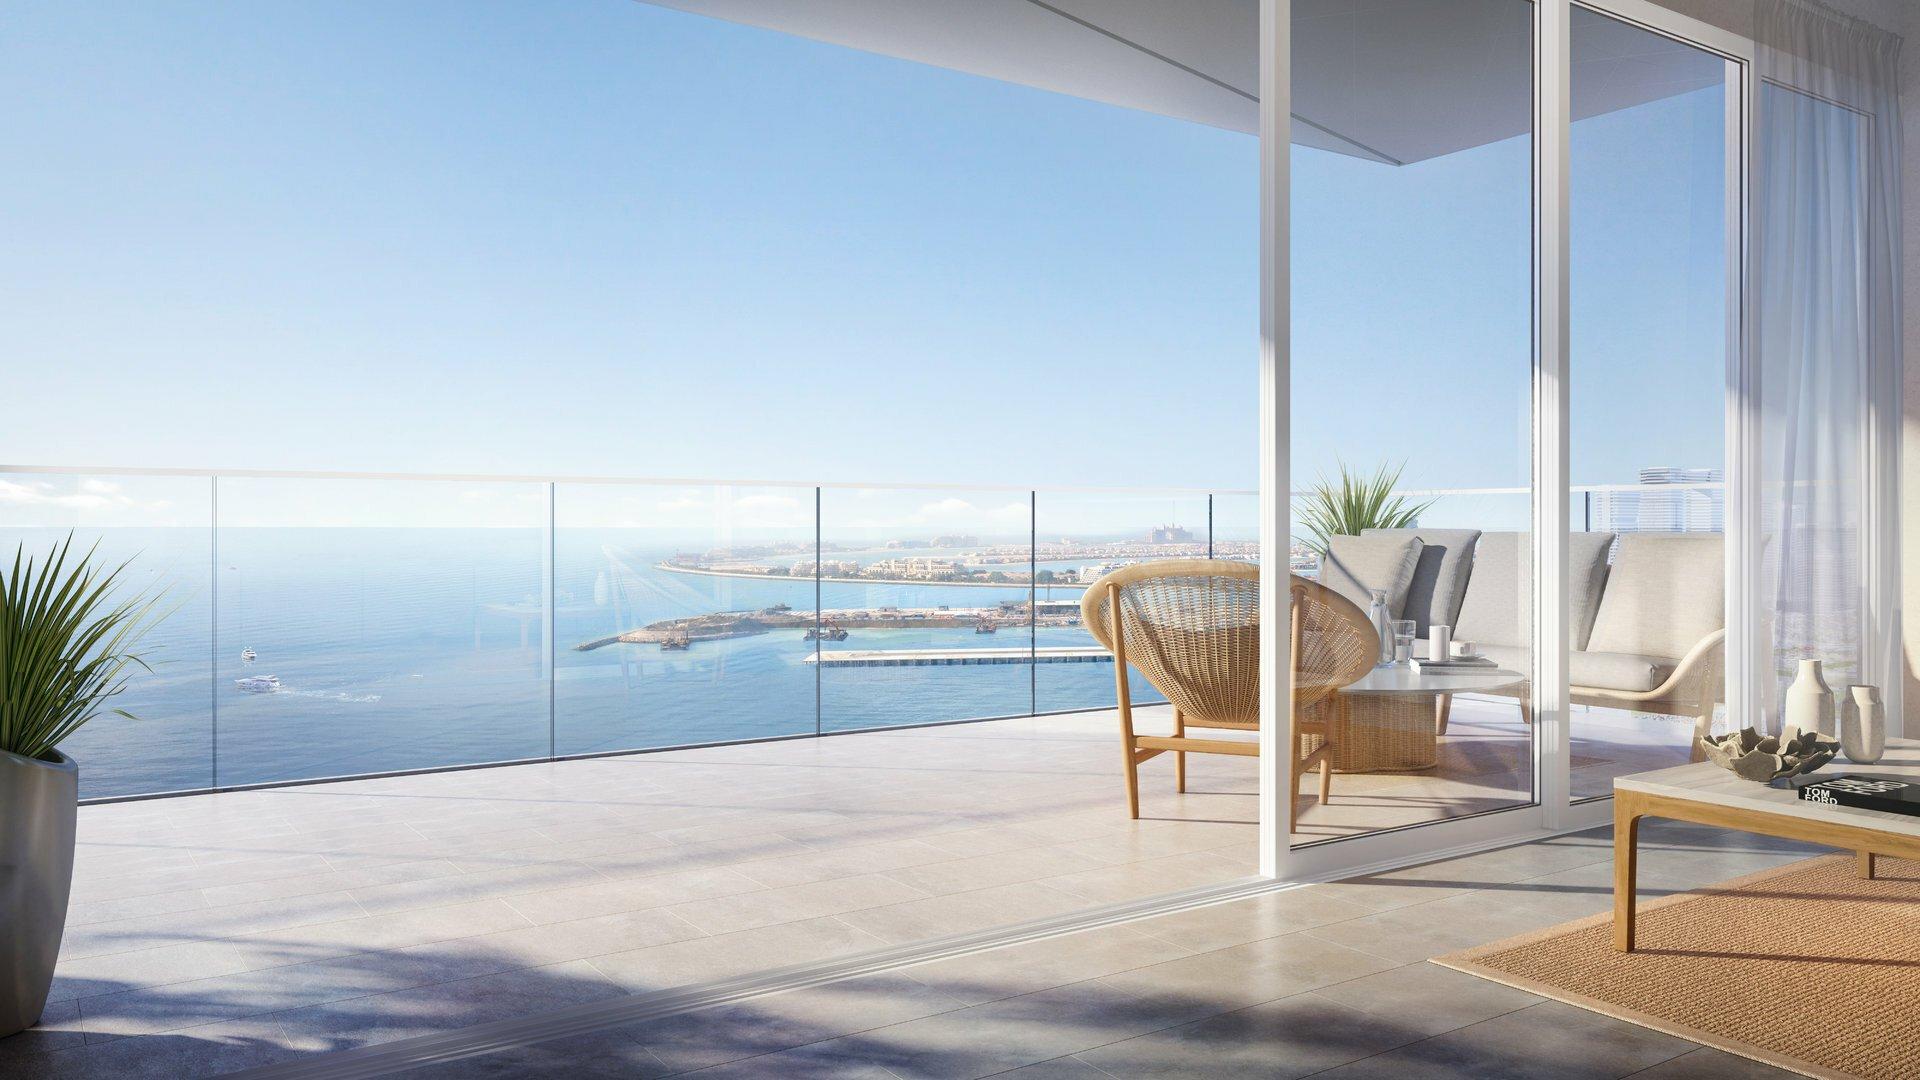 Apartamento en venta en Dubai, EAU, 4 dormitorios, 186 m2, № 24552 – foto 7